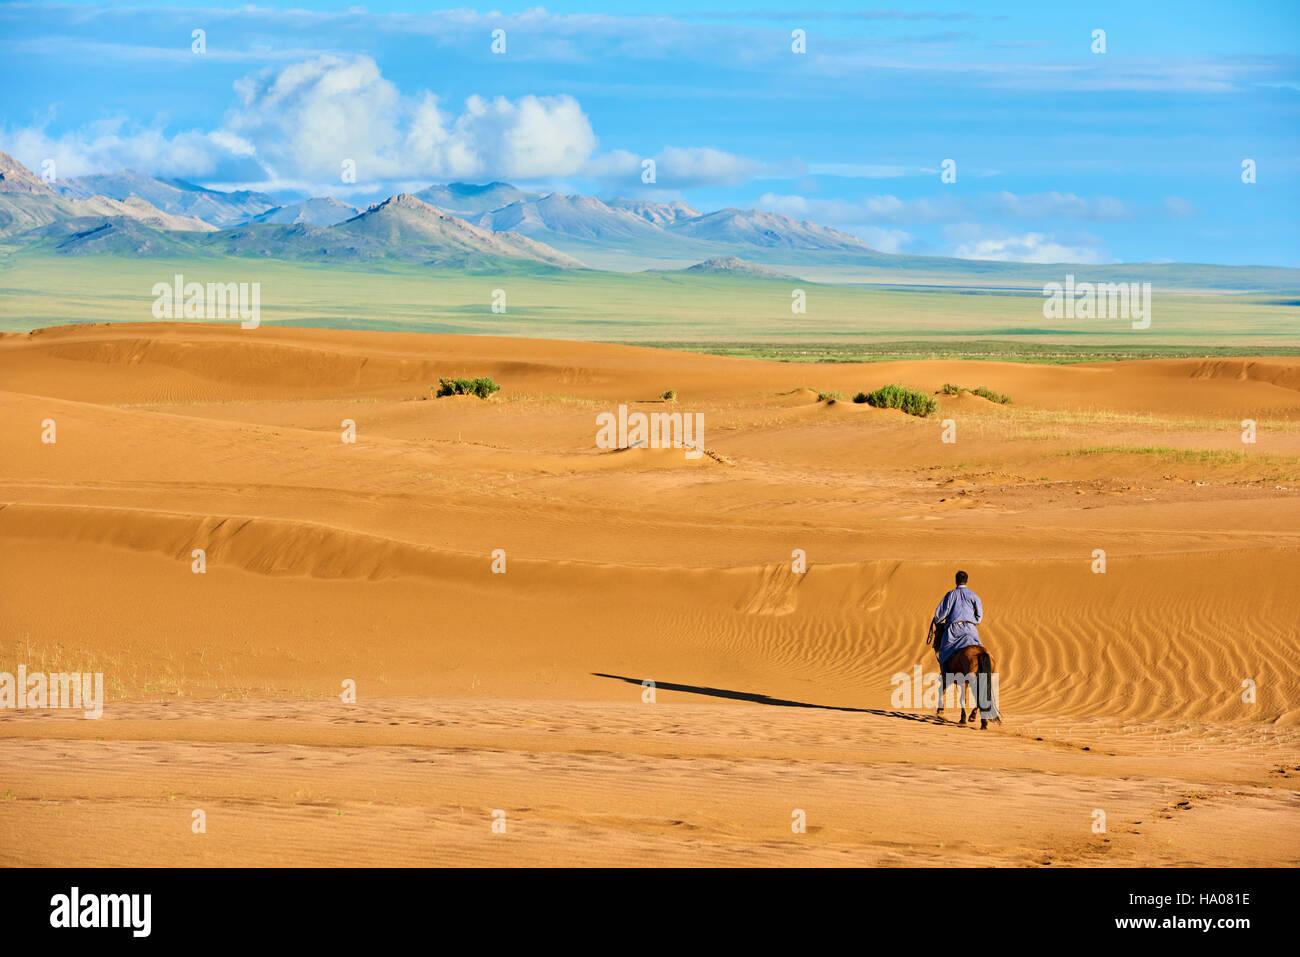 Mongolia, Zavkhan province, Mongolian horserider in the sand dunes - Stock Image